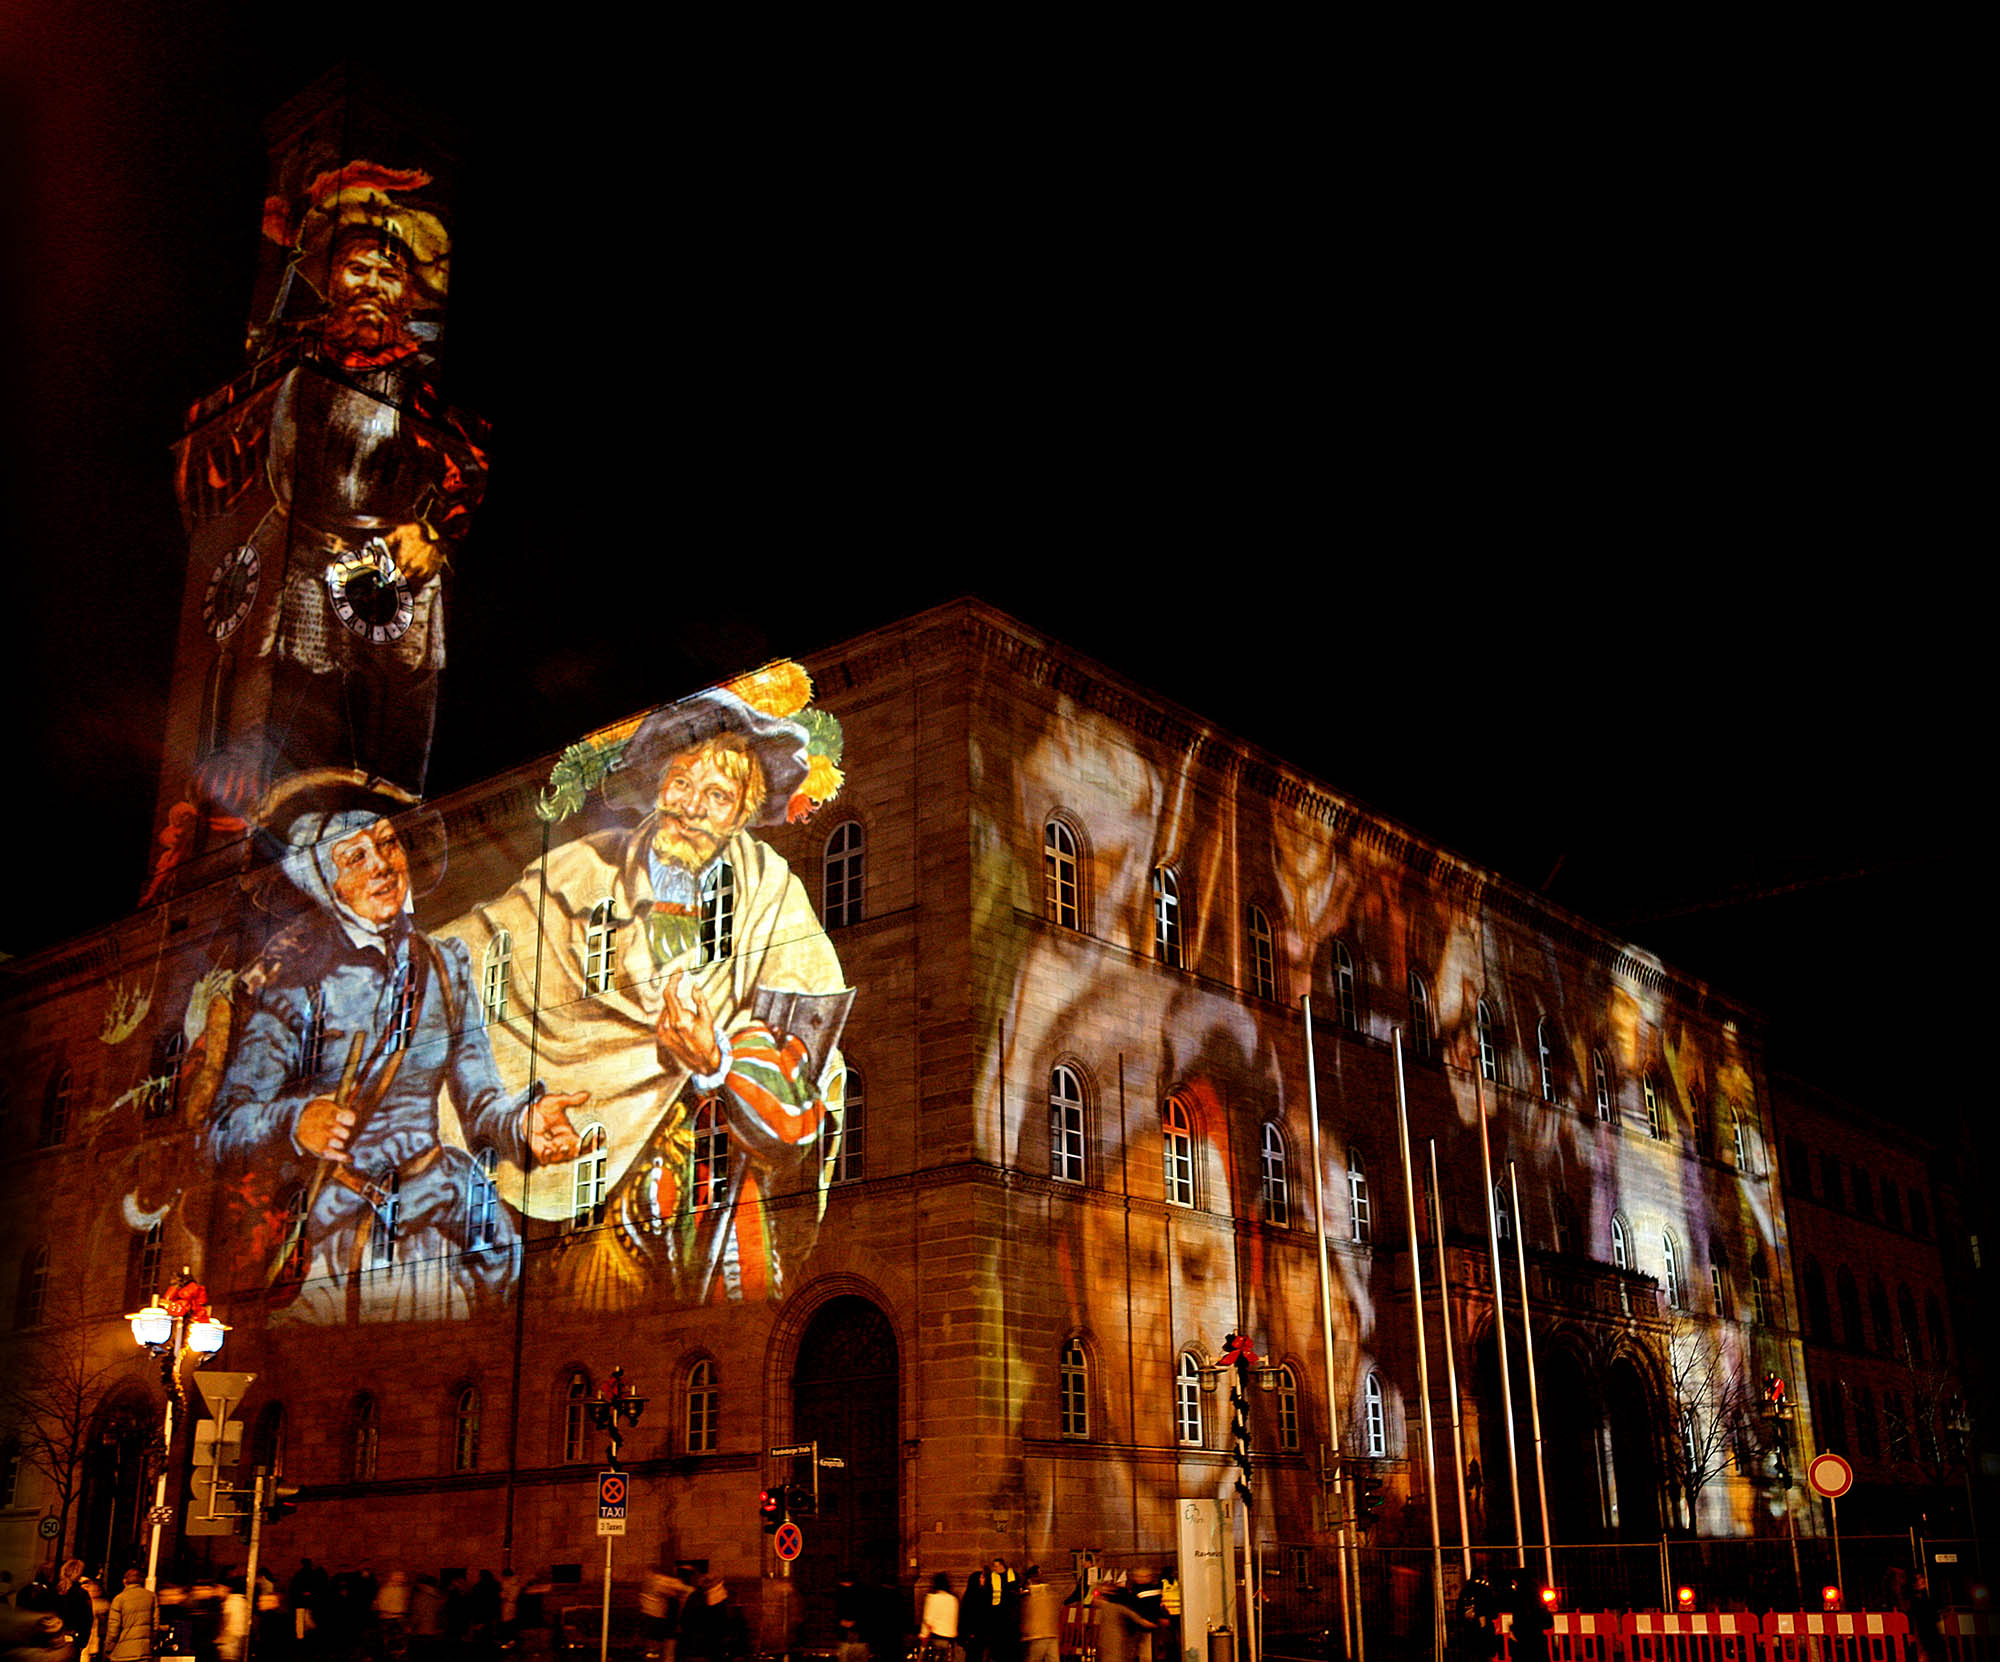 1000JahreStadtgeschichte_Fuerth2006_03.jpg